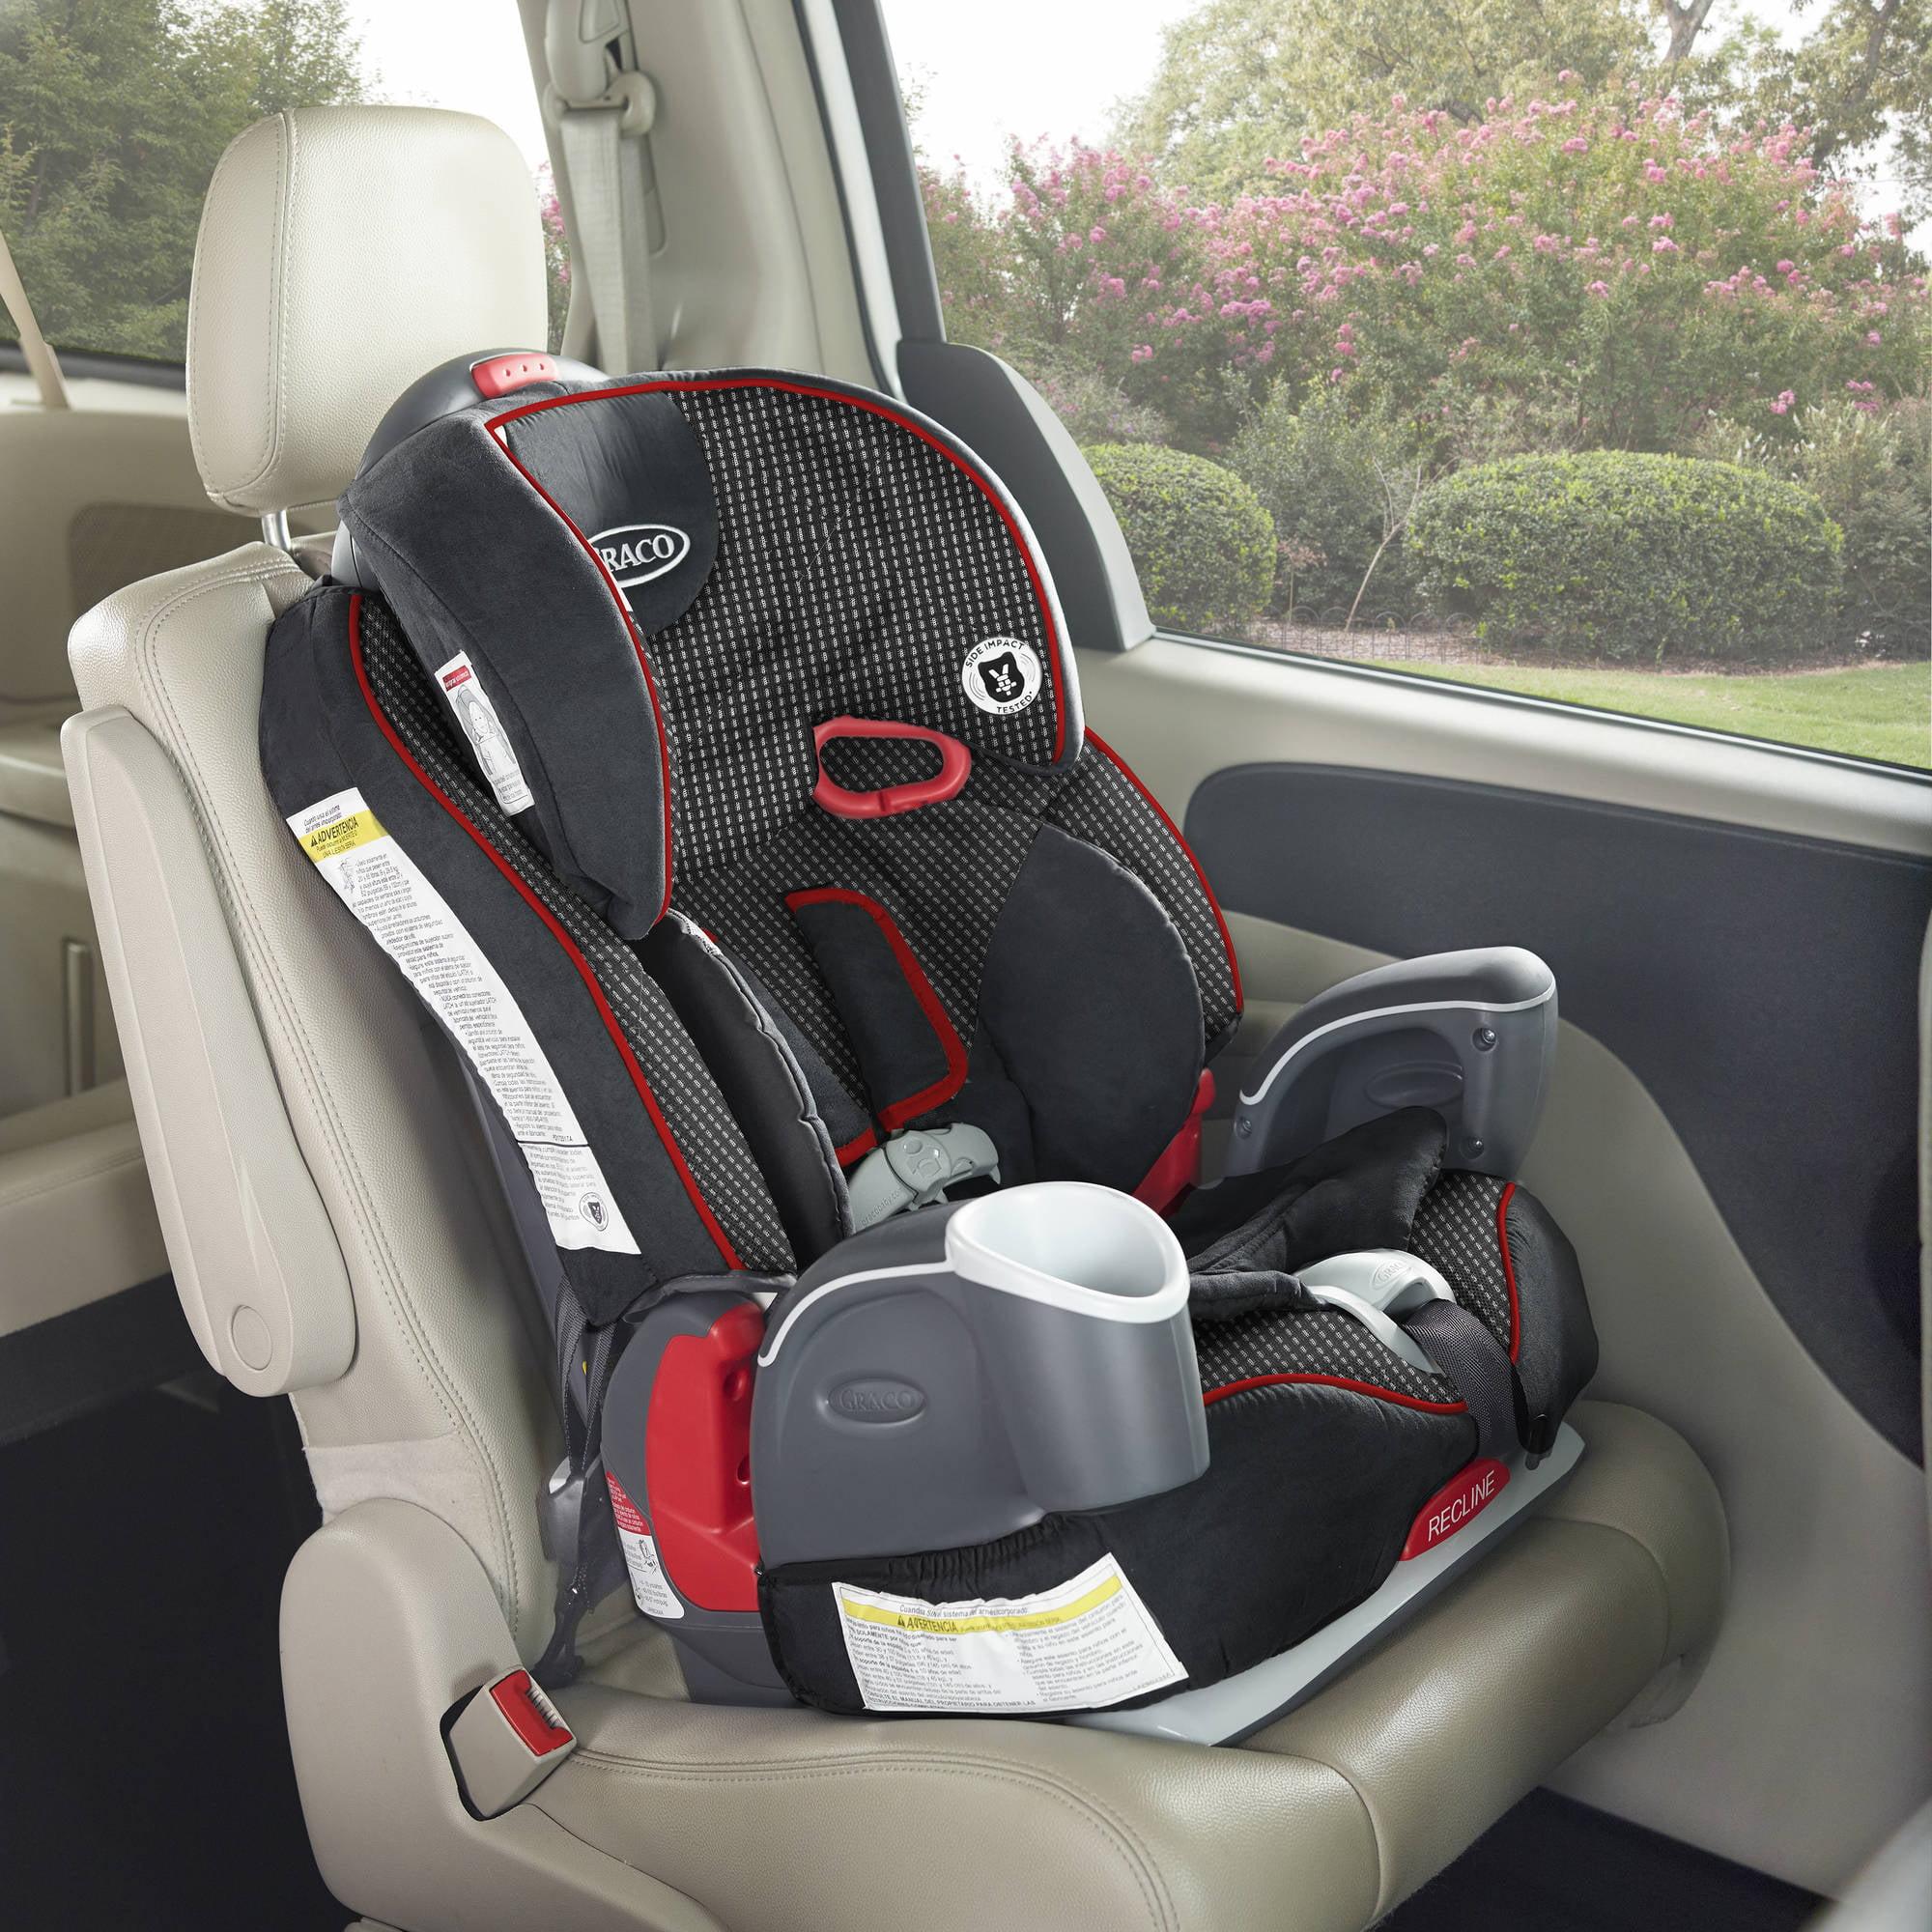 Graco Nautilus 3 In 1 Multi Use Car Seat